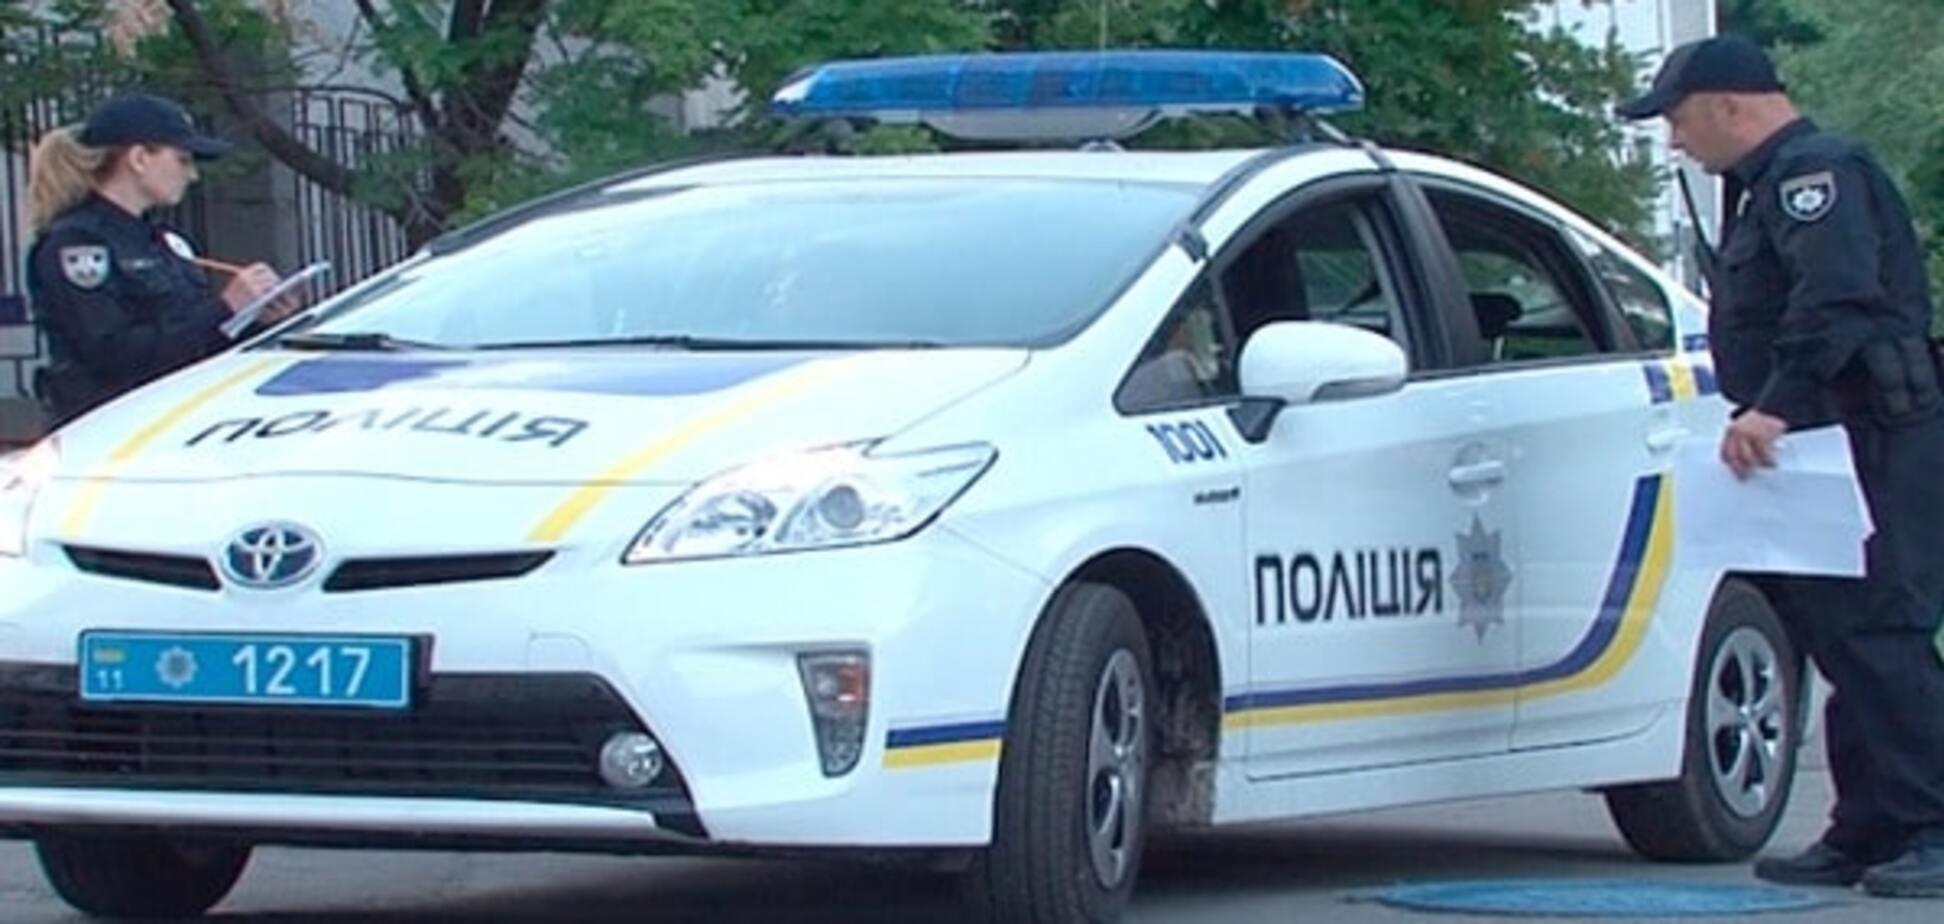 Запорожские патрульные задержали водителя с огромным количеством разнообразных наркотиков в крови